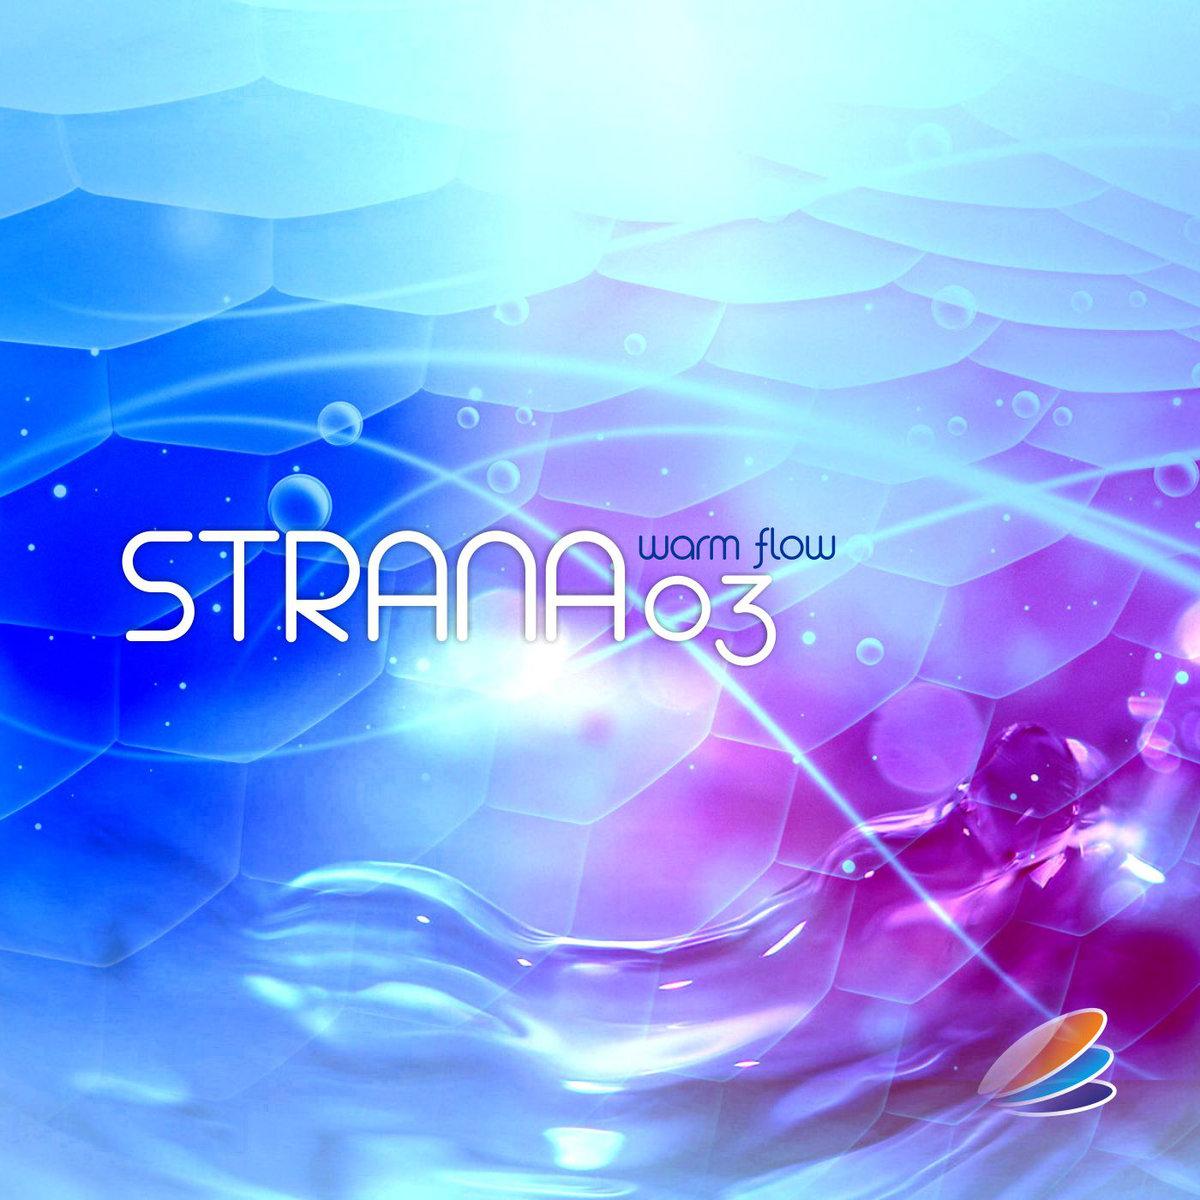 Strana 03 - Warm Flow